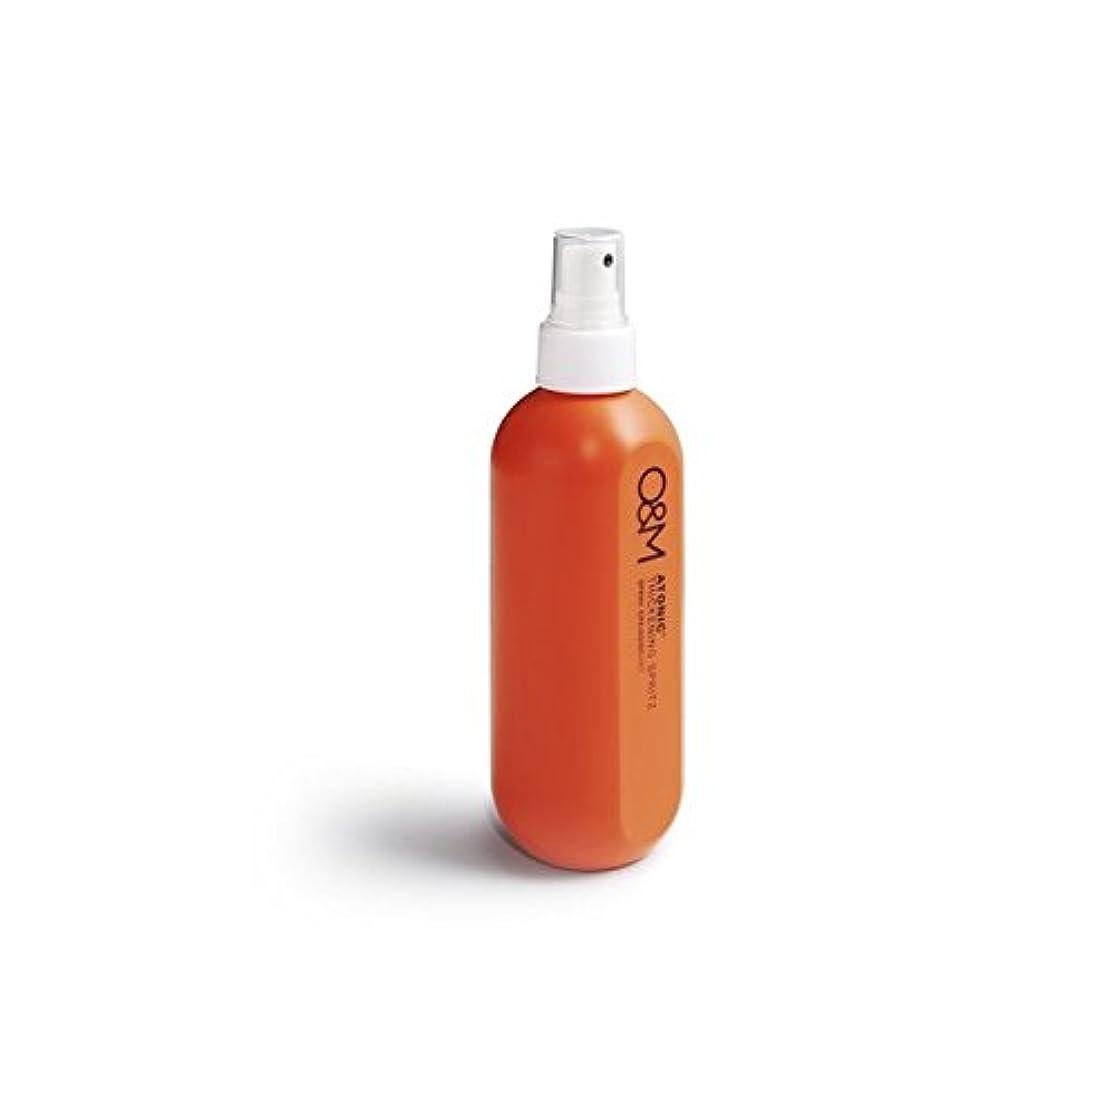 敬なあなたのものティームOriginal & Mineral Atonic Thickening Spritz (250ml) (Pack of 6) - オリジナル&ミネラル脱力増粘スプリッツ(250ミリリットル) x6 [並行輸入品]